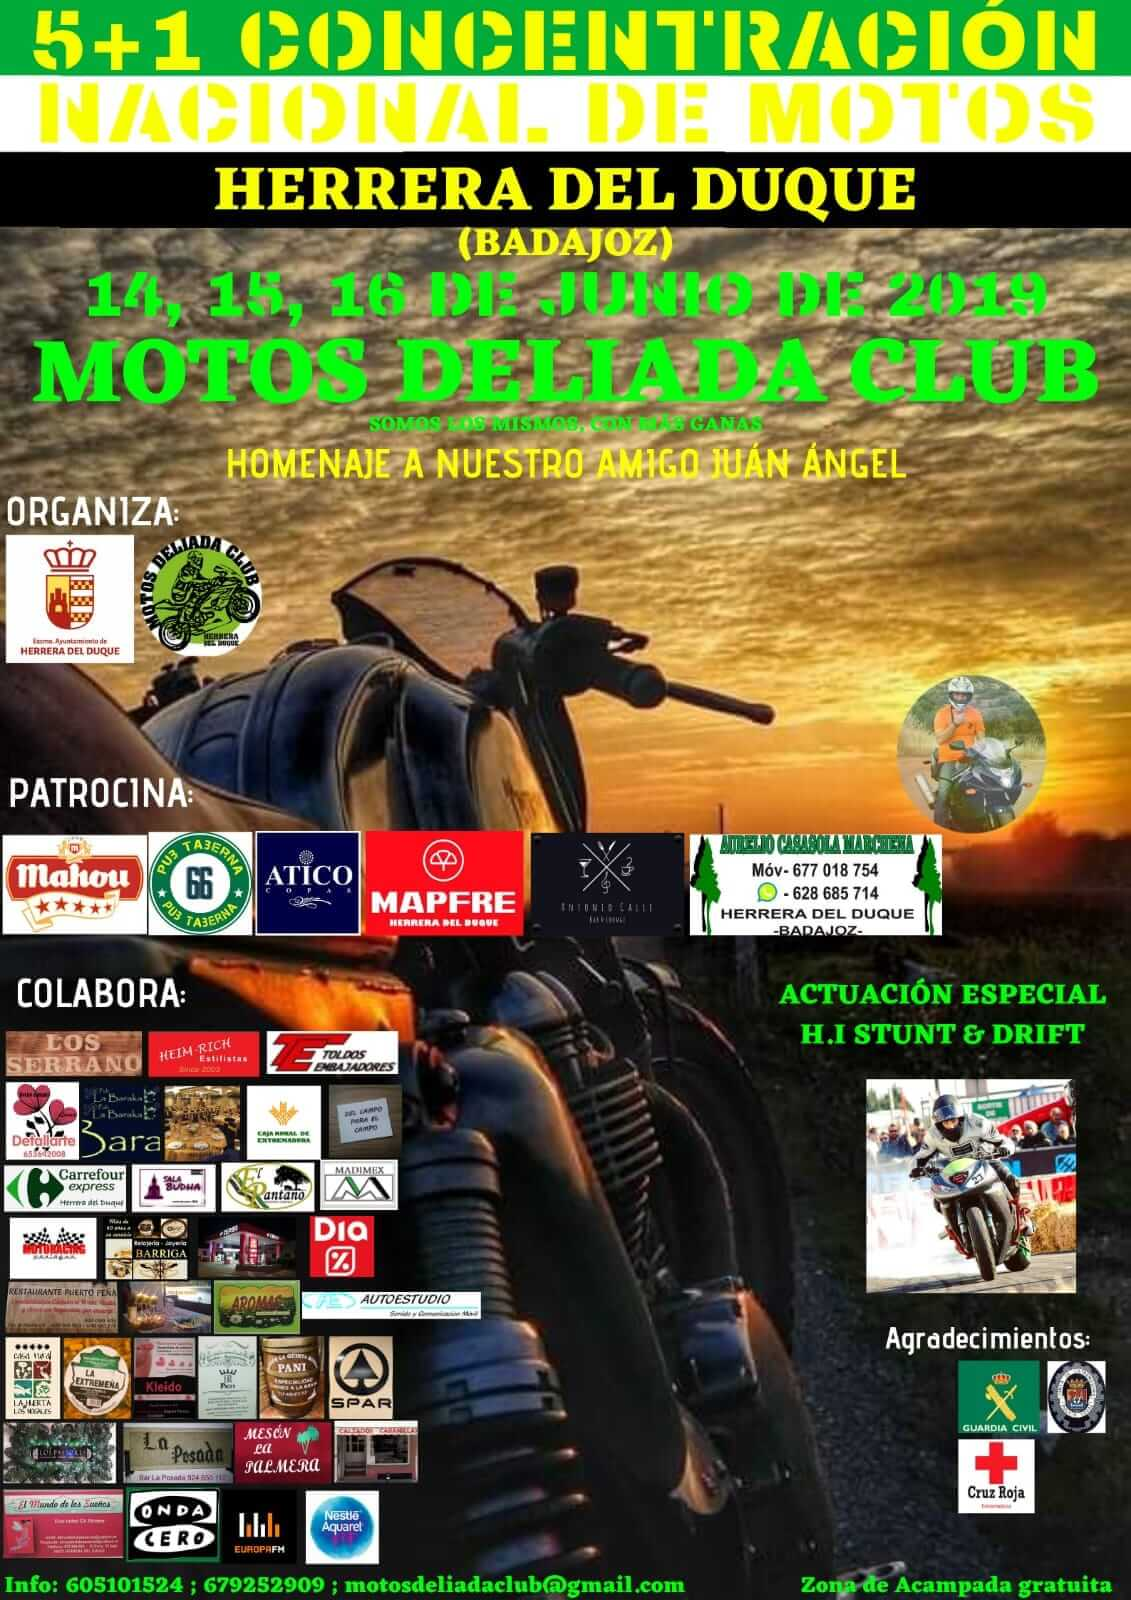 concentraciones moteras Badajoz